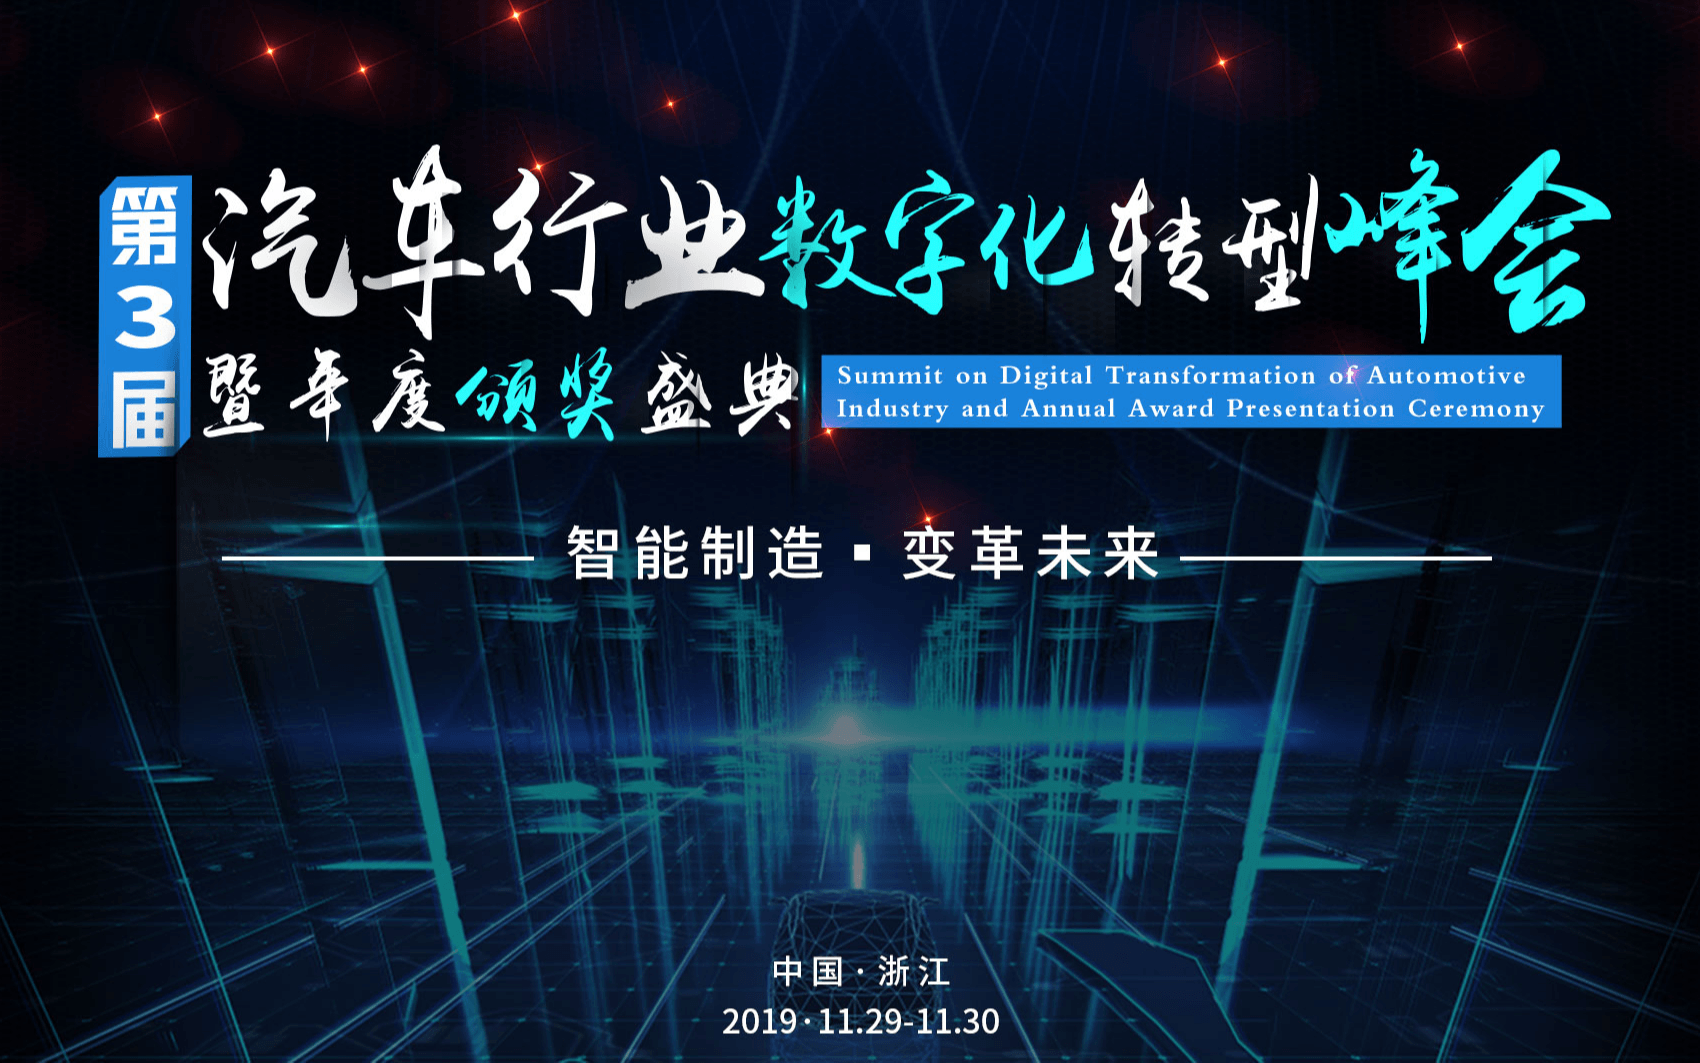 2019第三届汽车行业数字化转型峰会暨年度颁奖盛典(嘉兴)